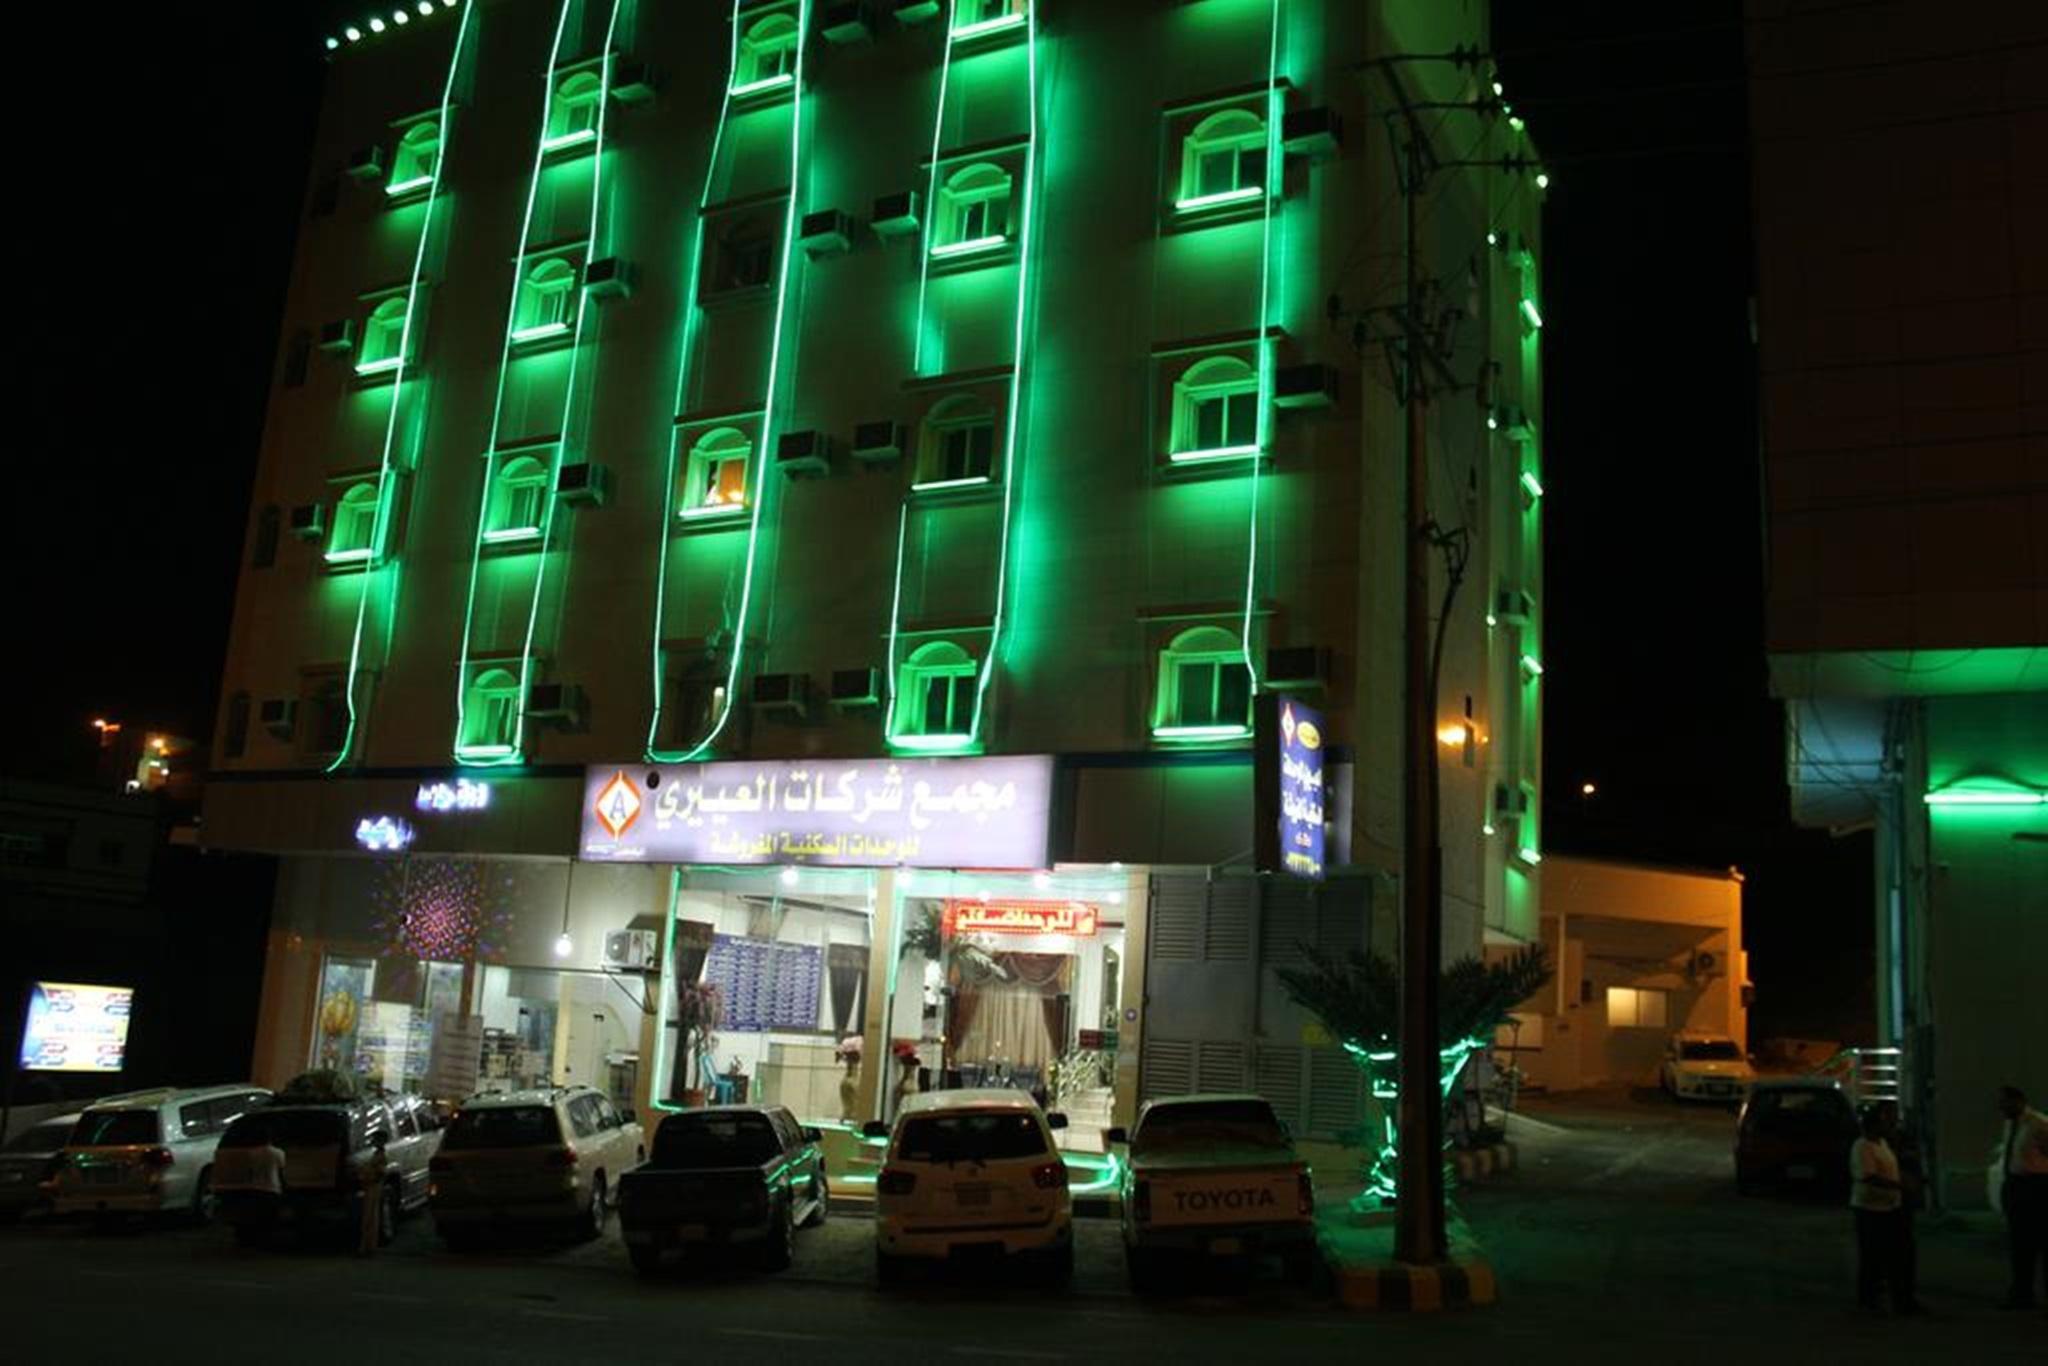 Al Eairy Apartments Al Bahah 2,